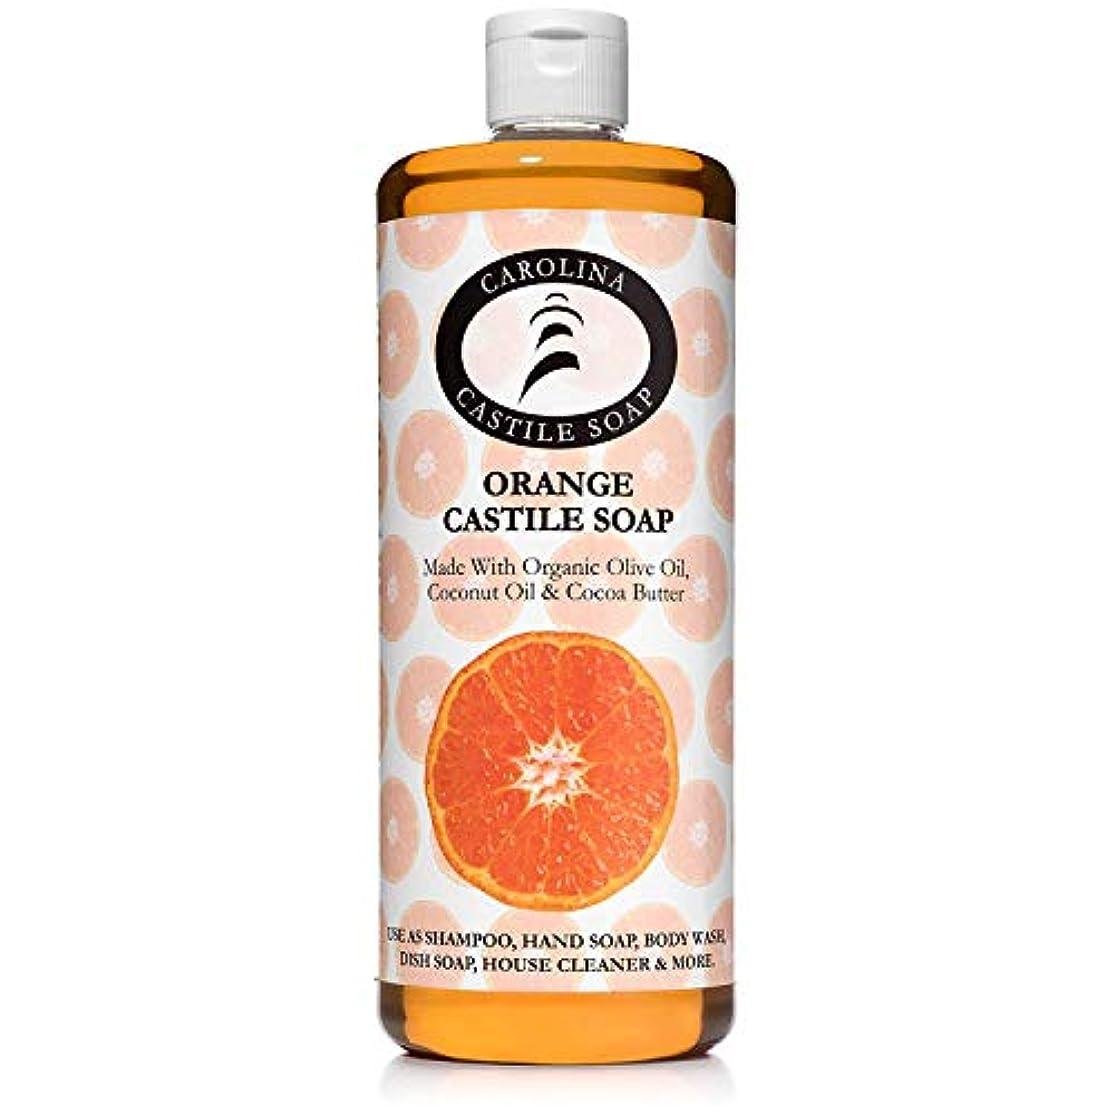 メールを書くピービッシュケイ素Carolina Castile Soap オーガニックカカオバターオーガニック 32オズ